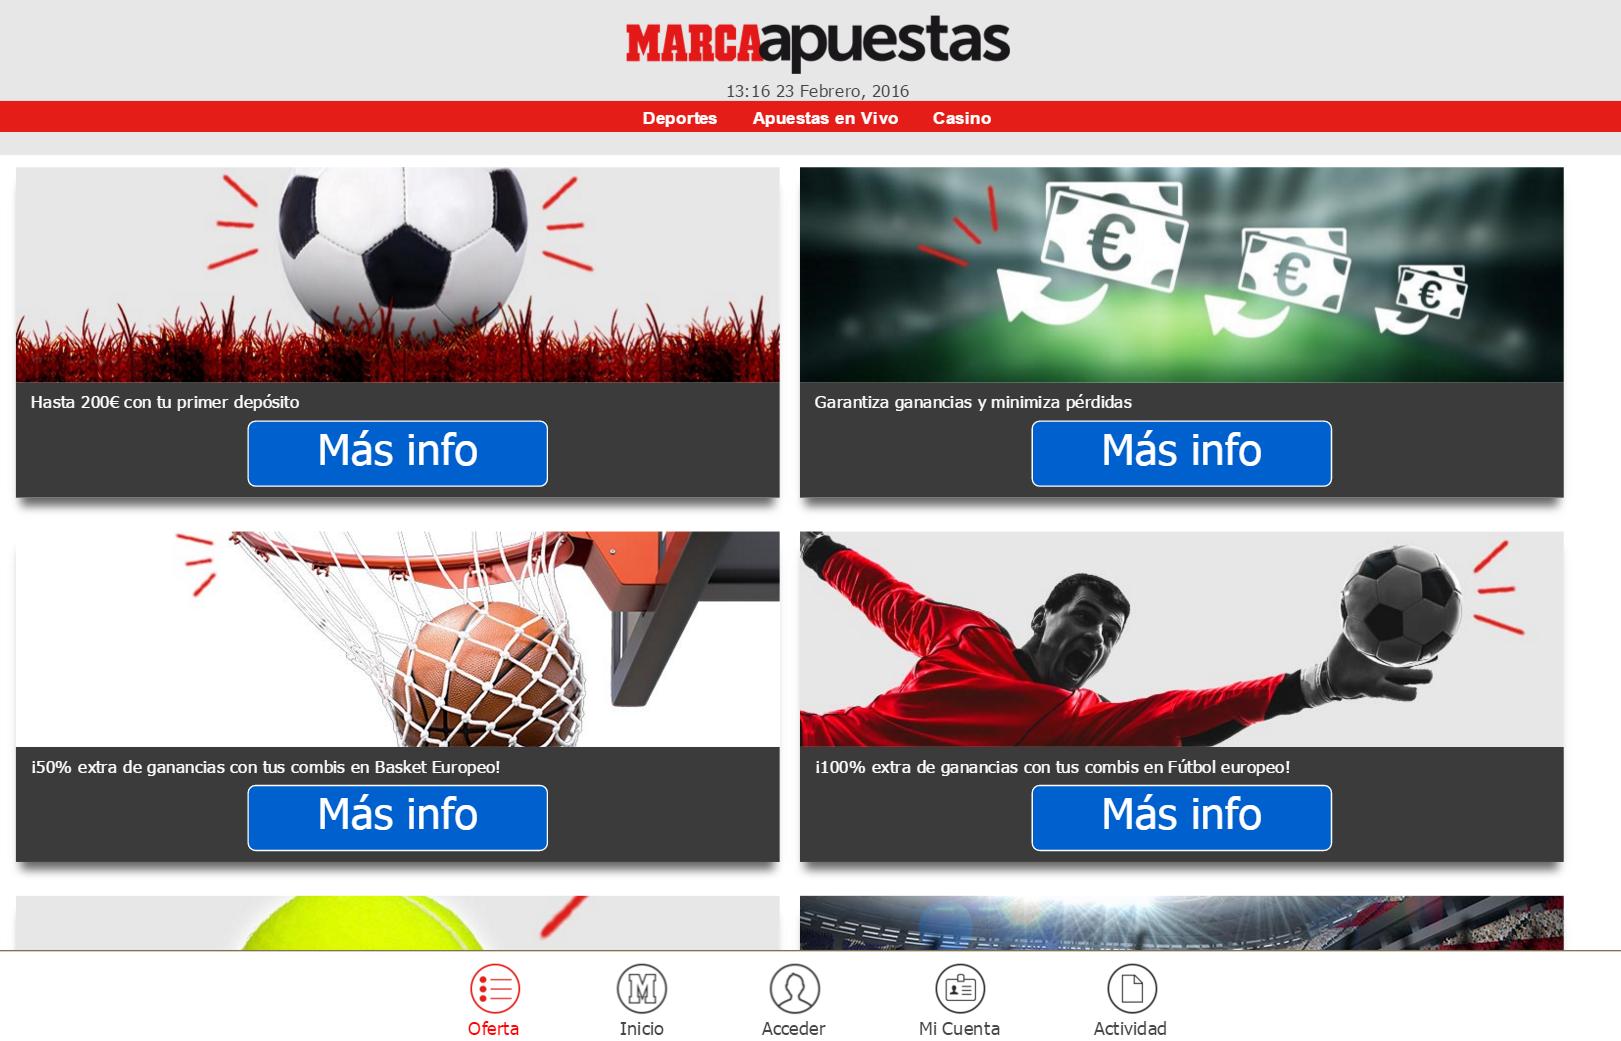 marca_apuestas_ofertas.png